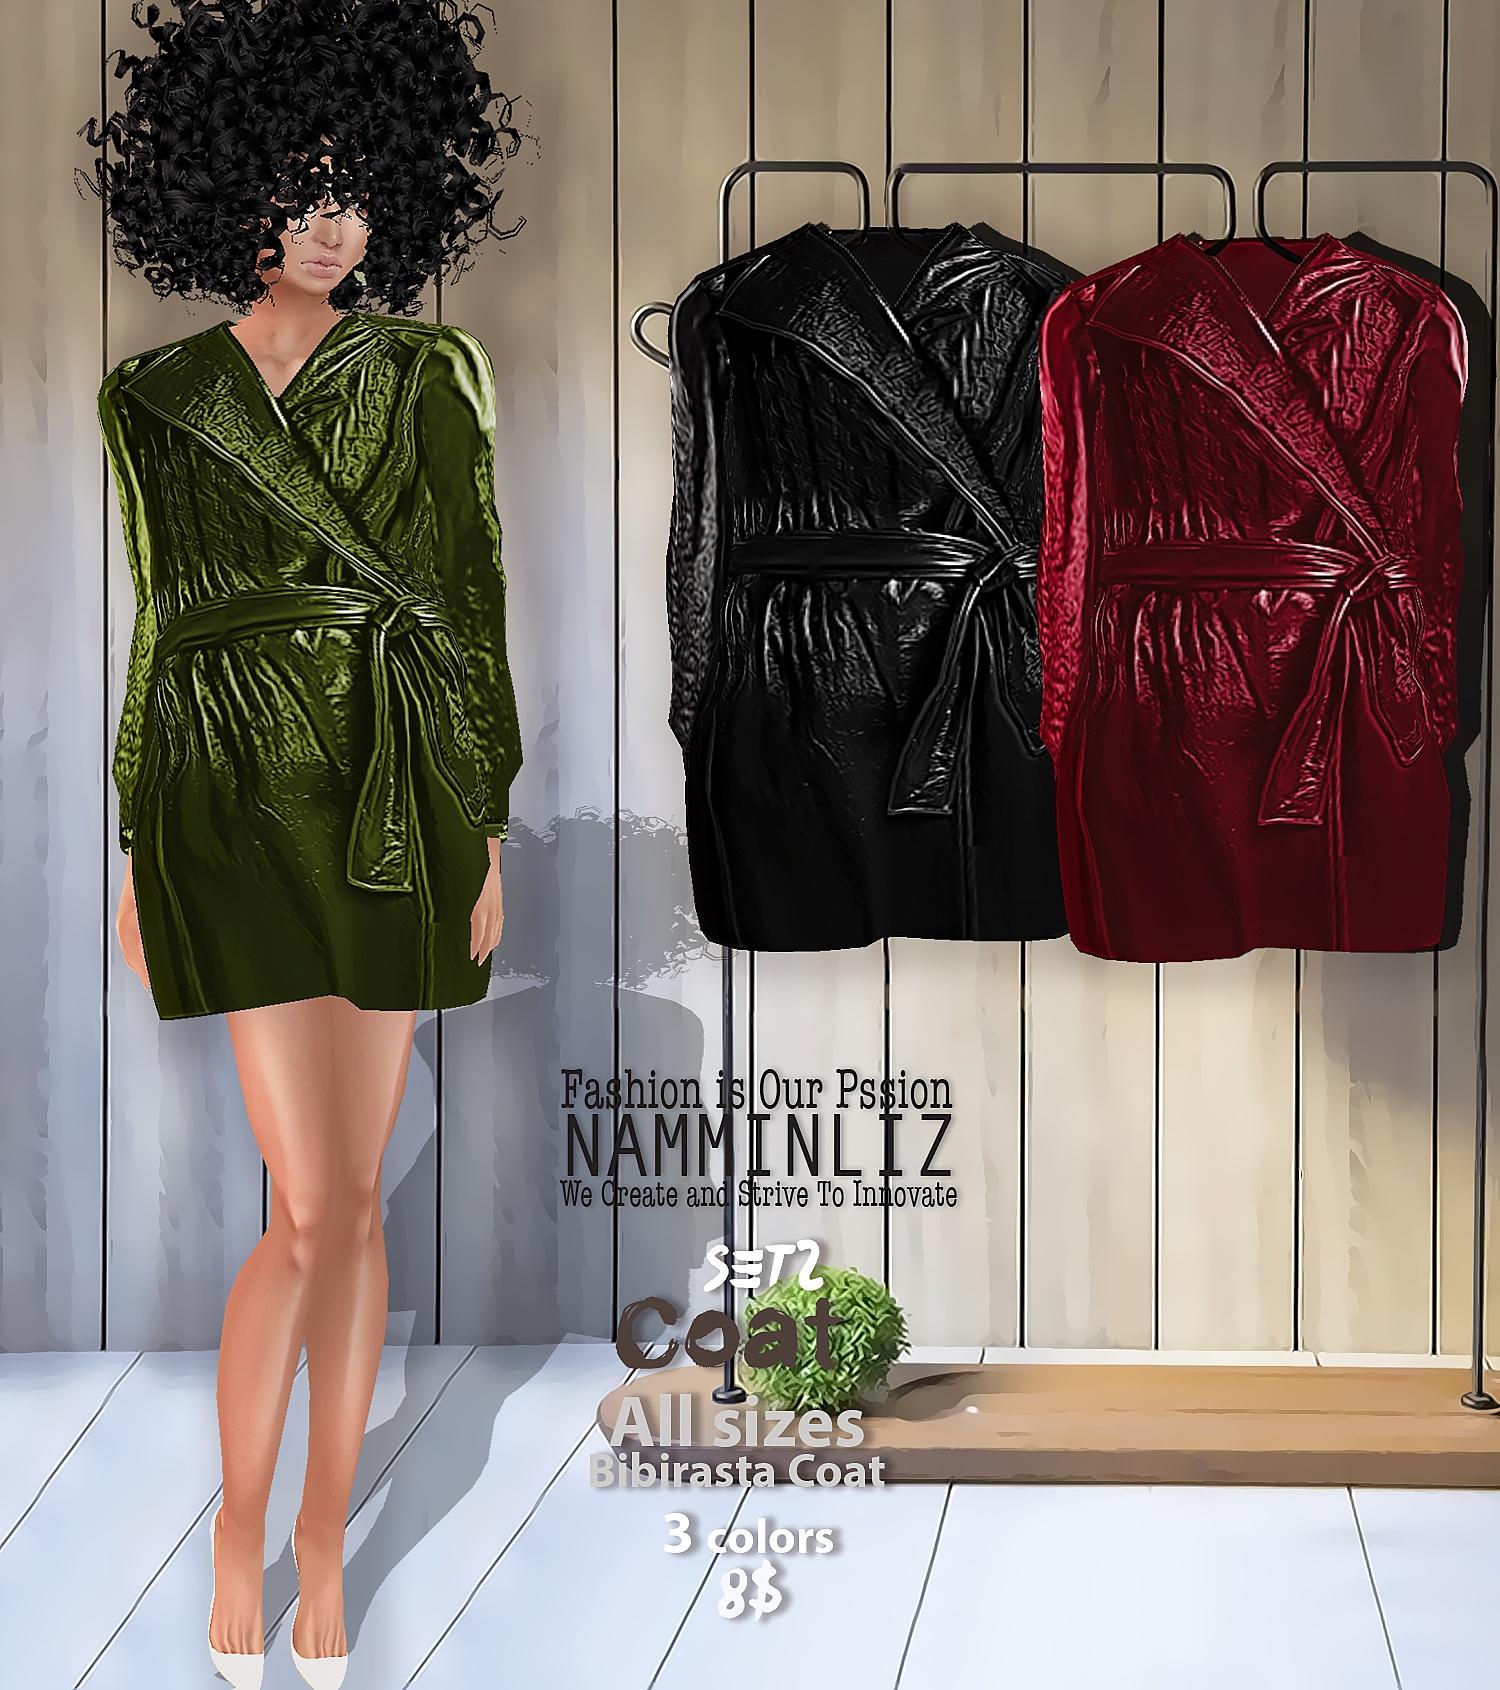 FULL Coat SET  4 Bibirasta Coat  All sizes w/Different colors